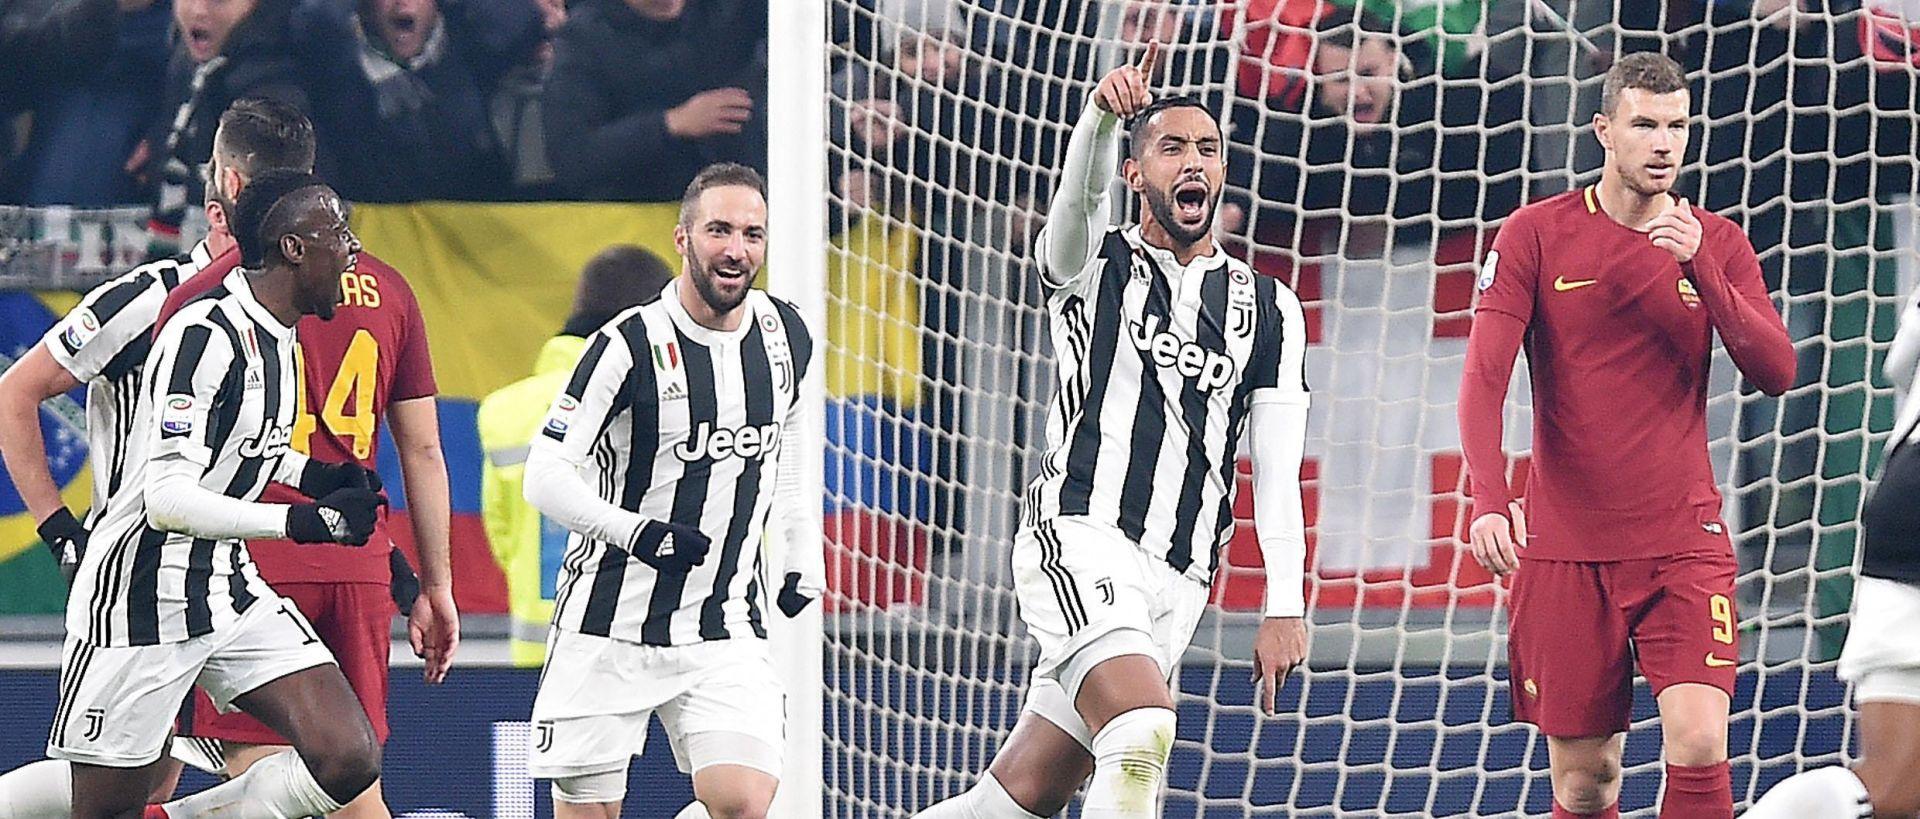 Juventus korak bliže 'scudettu'